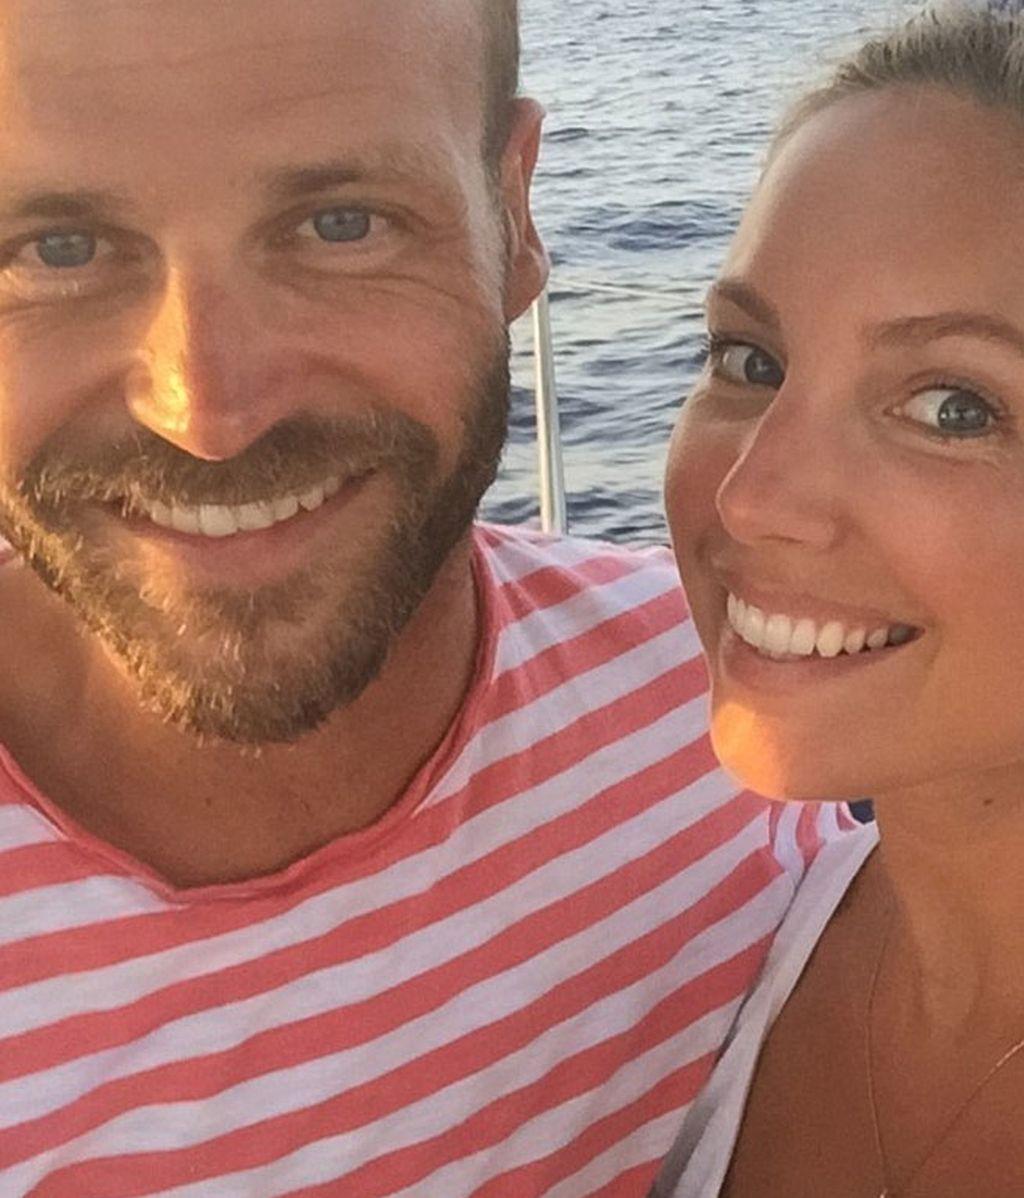 Charlie Smith y su novio Captain 34 cogieron el dinero ahorrado para su boda